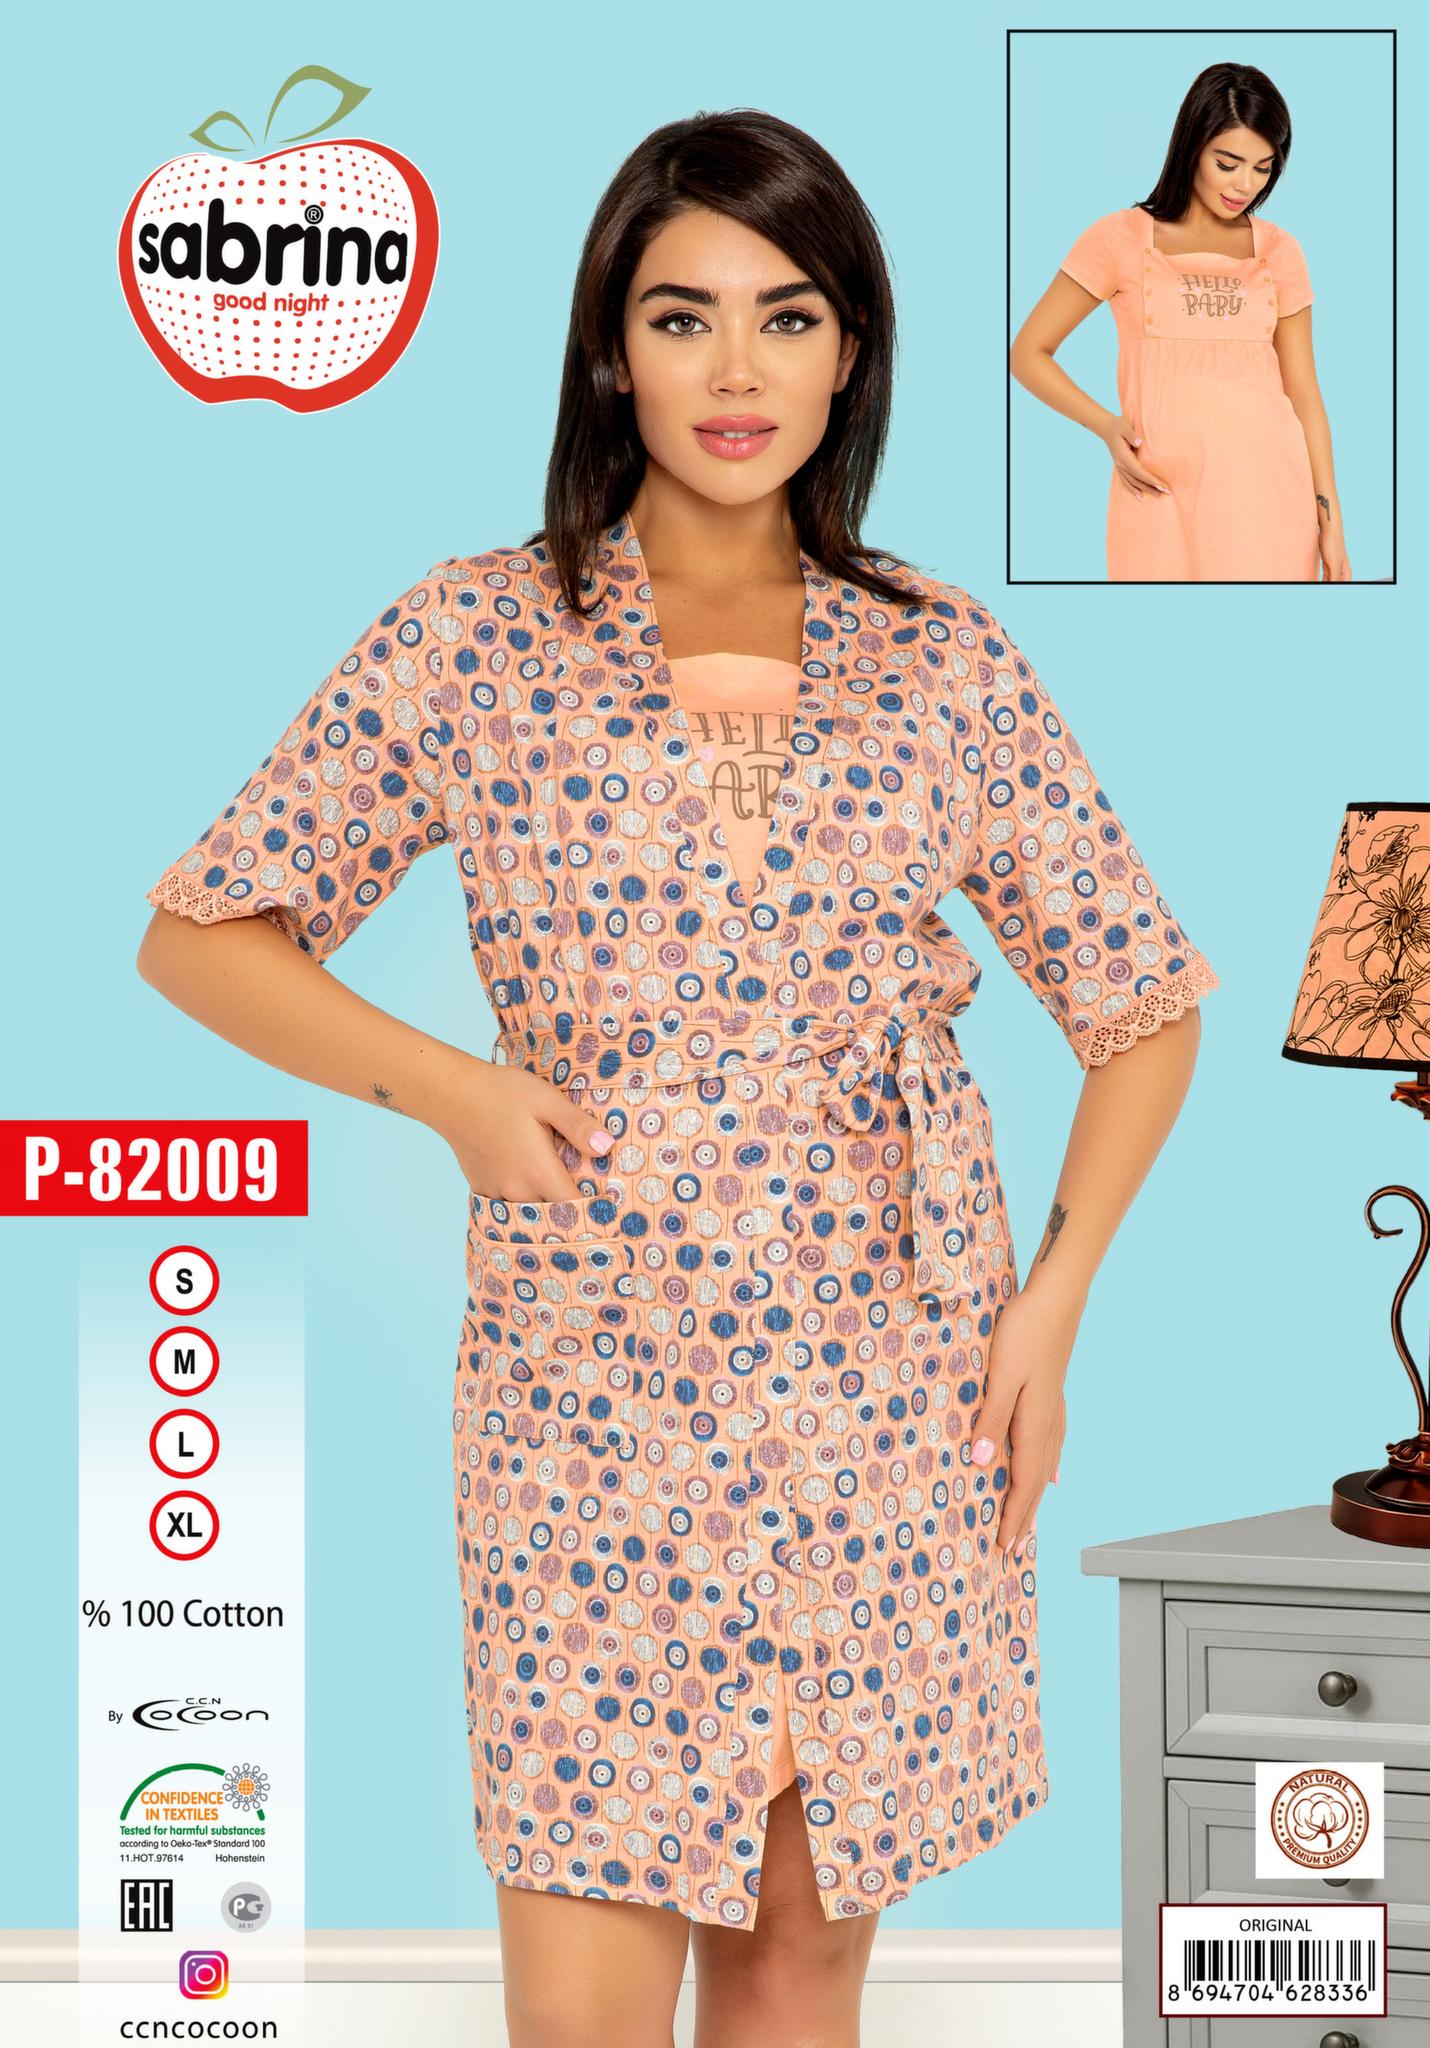 Комплект из трикотажа для беременных (халат + сорочка) P-82009 Sabrina